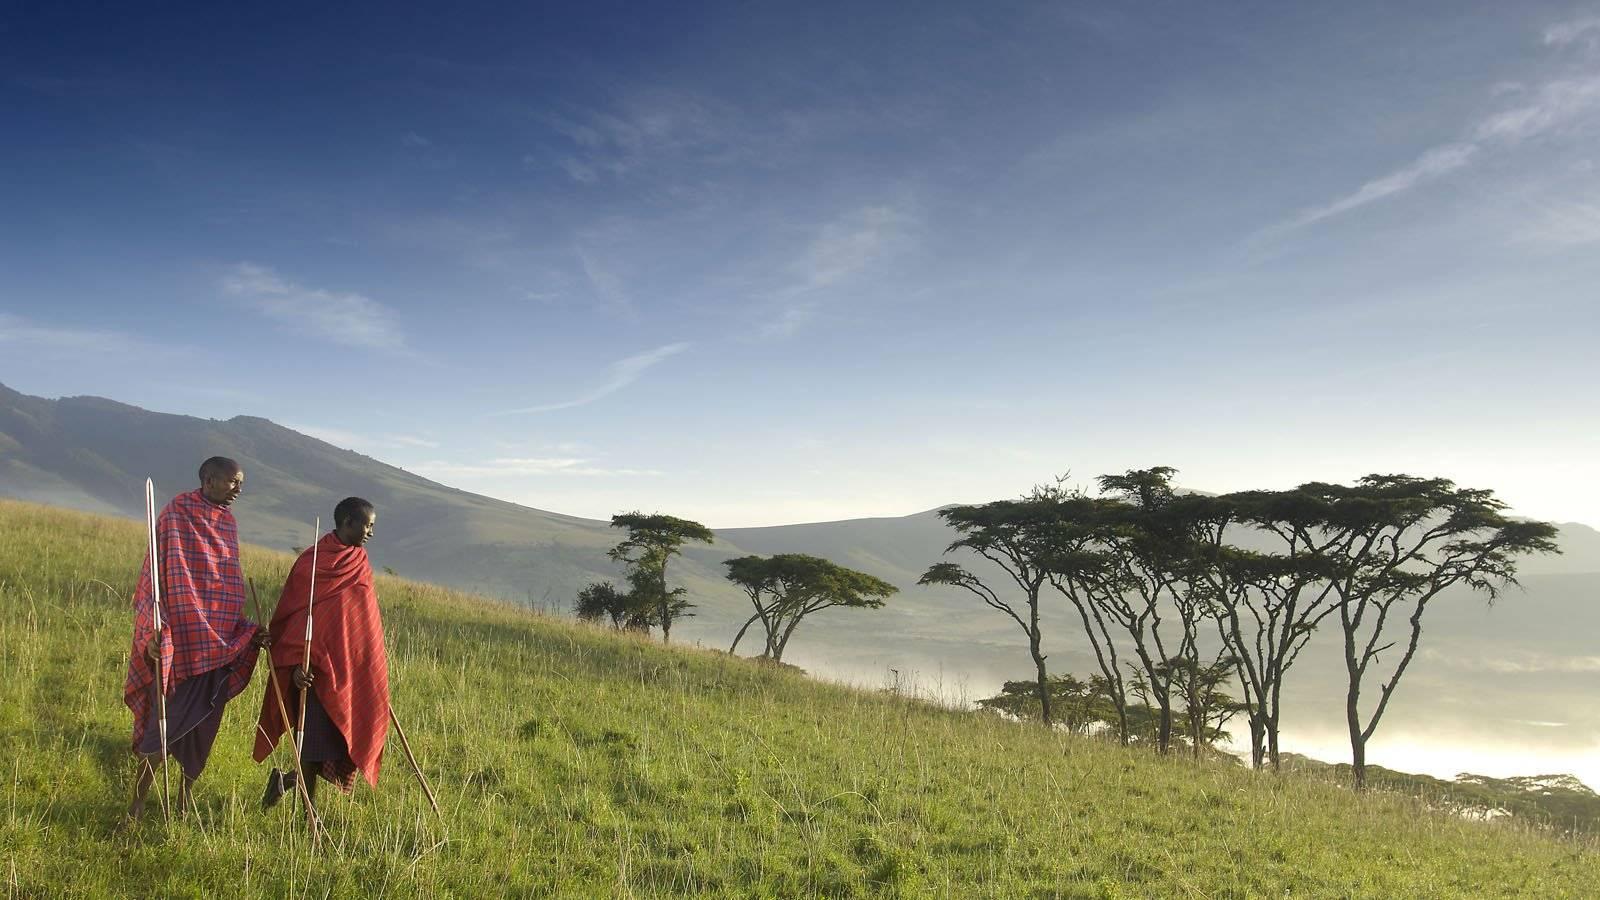 популярности фото кении и танзании медальон эффектный